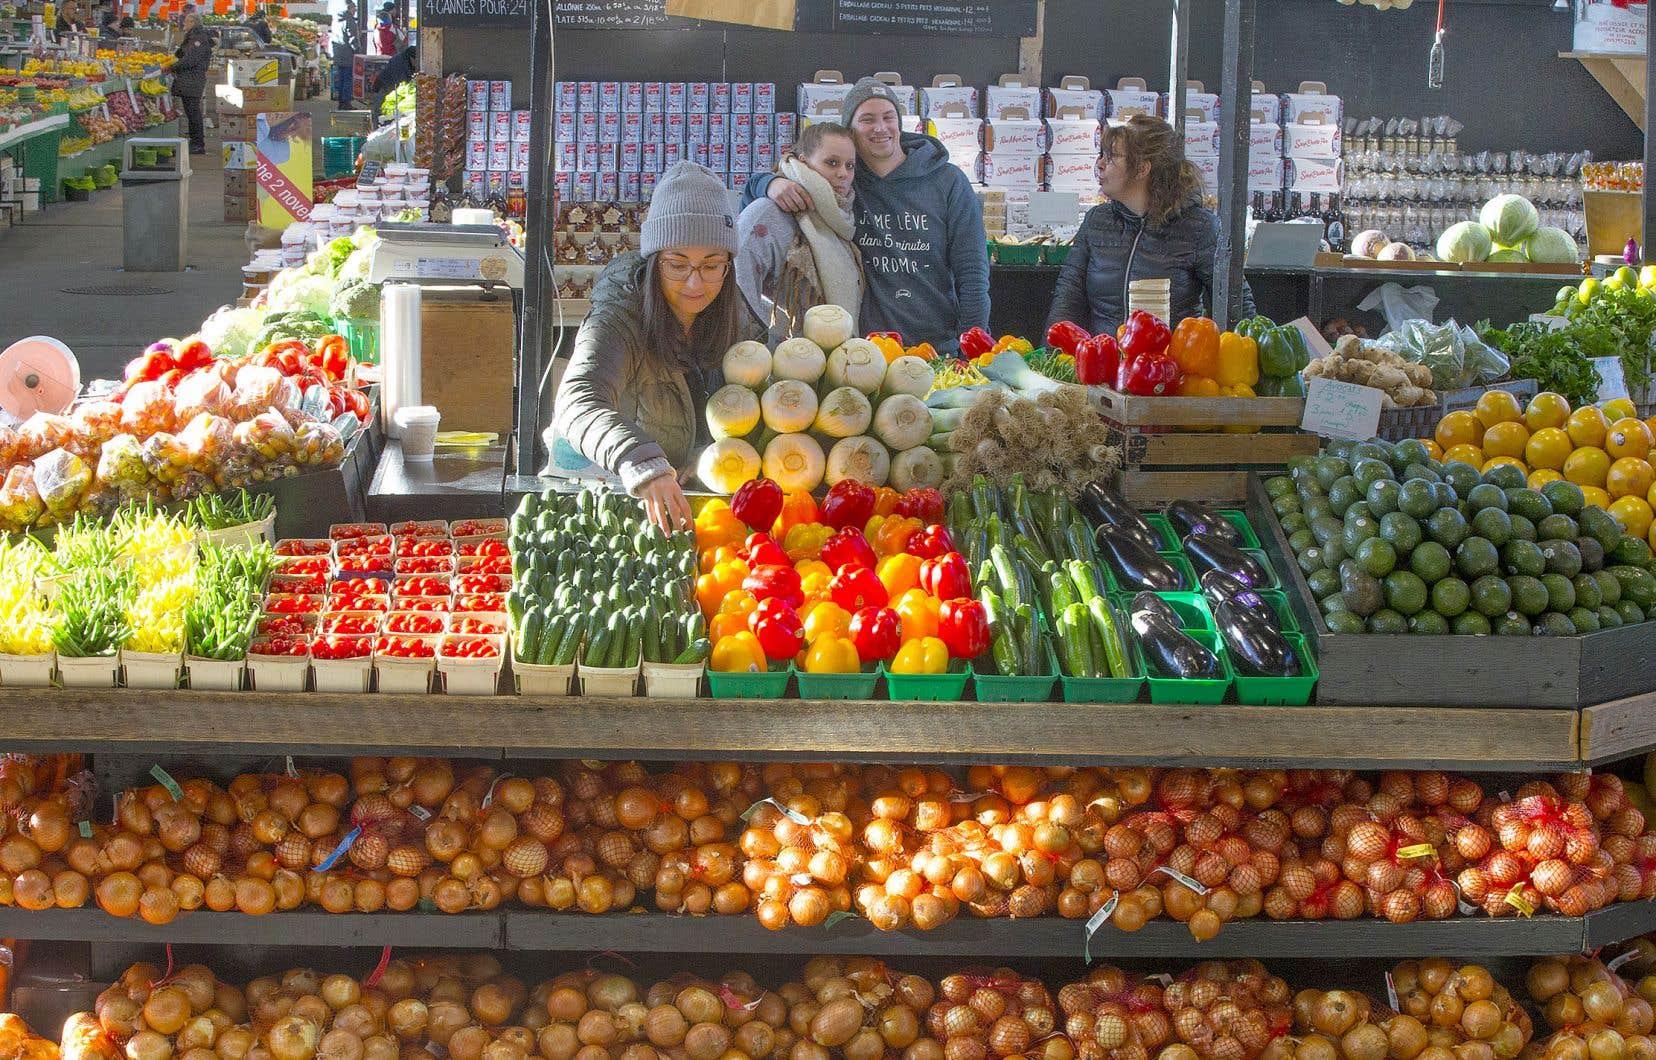 Le nouveau guide alimentaire est appuyé essentiellement sur des études scientifiques, écartant l'industrie alimentaire pour éviter tout conflit d'intérêts.